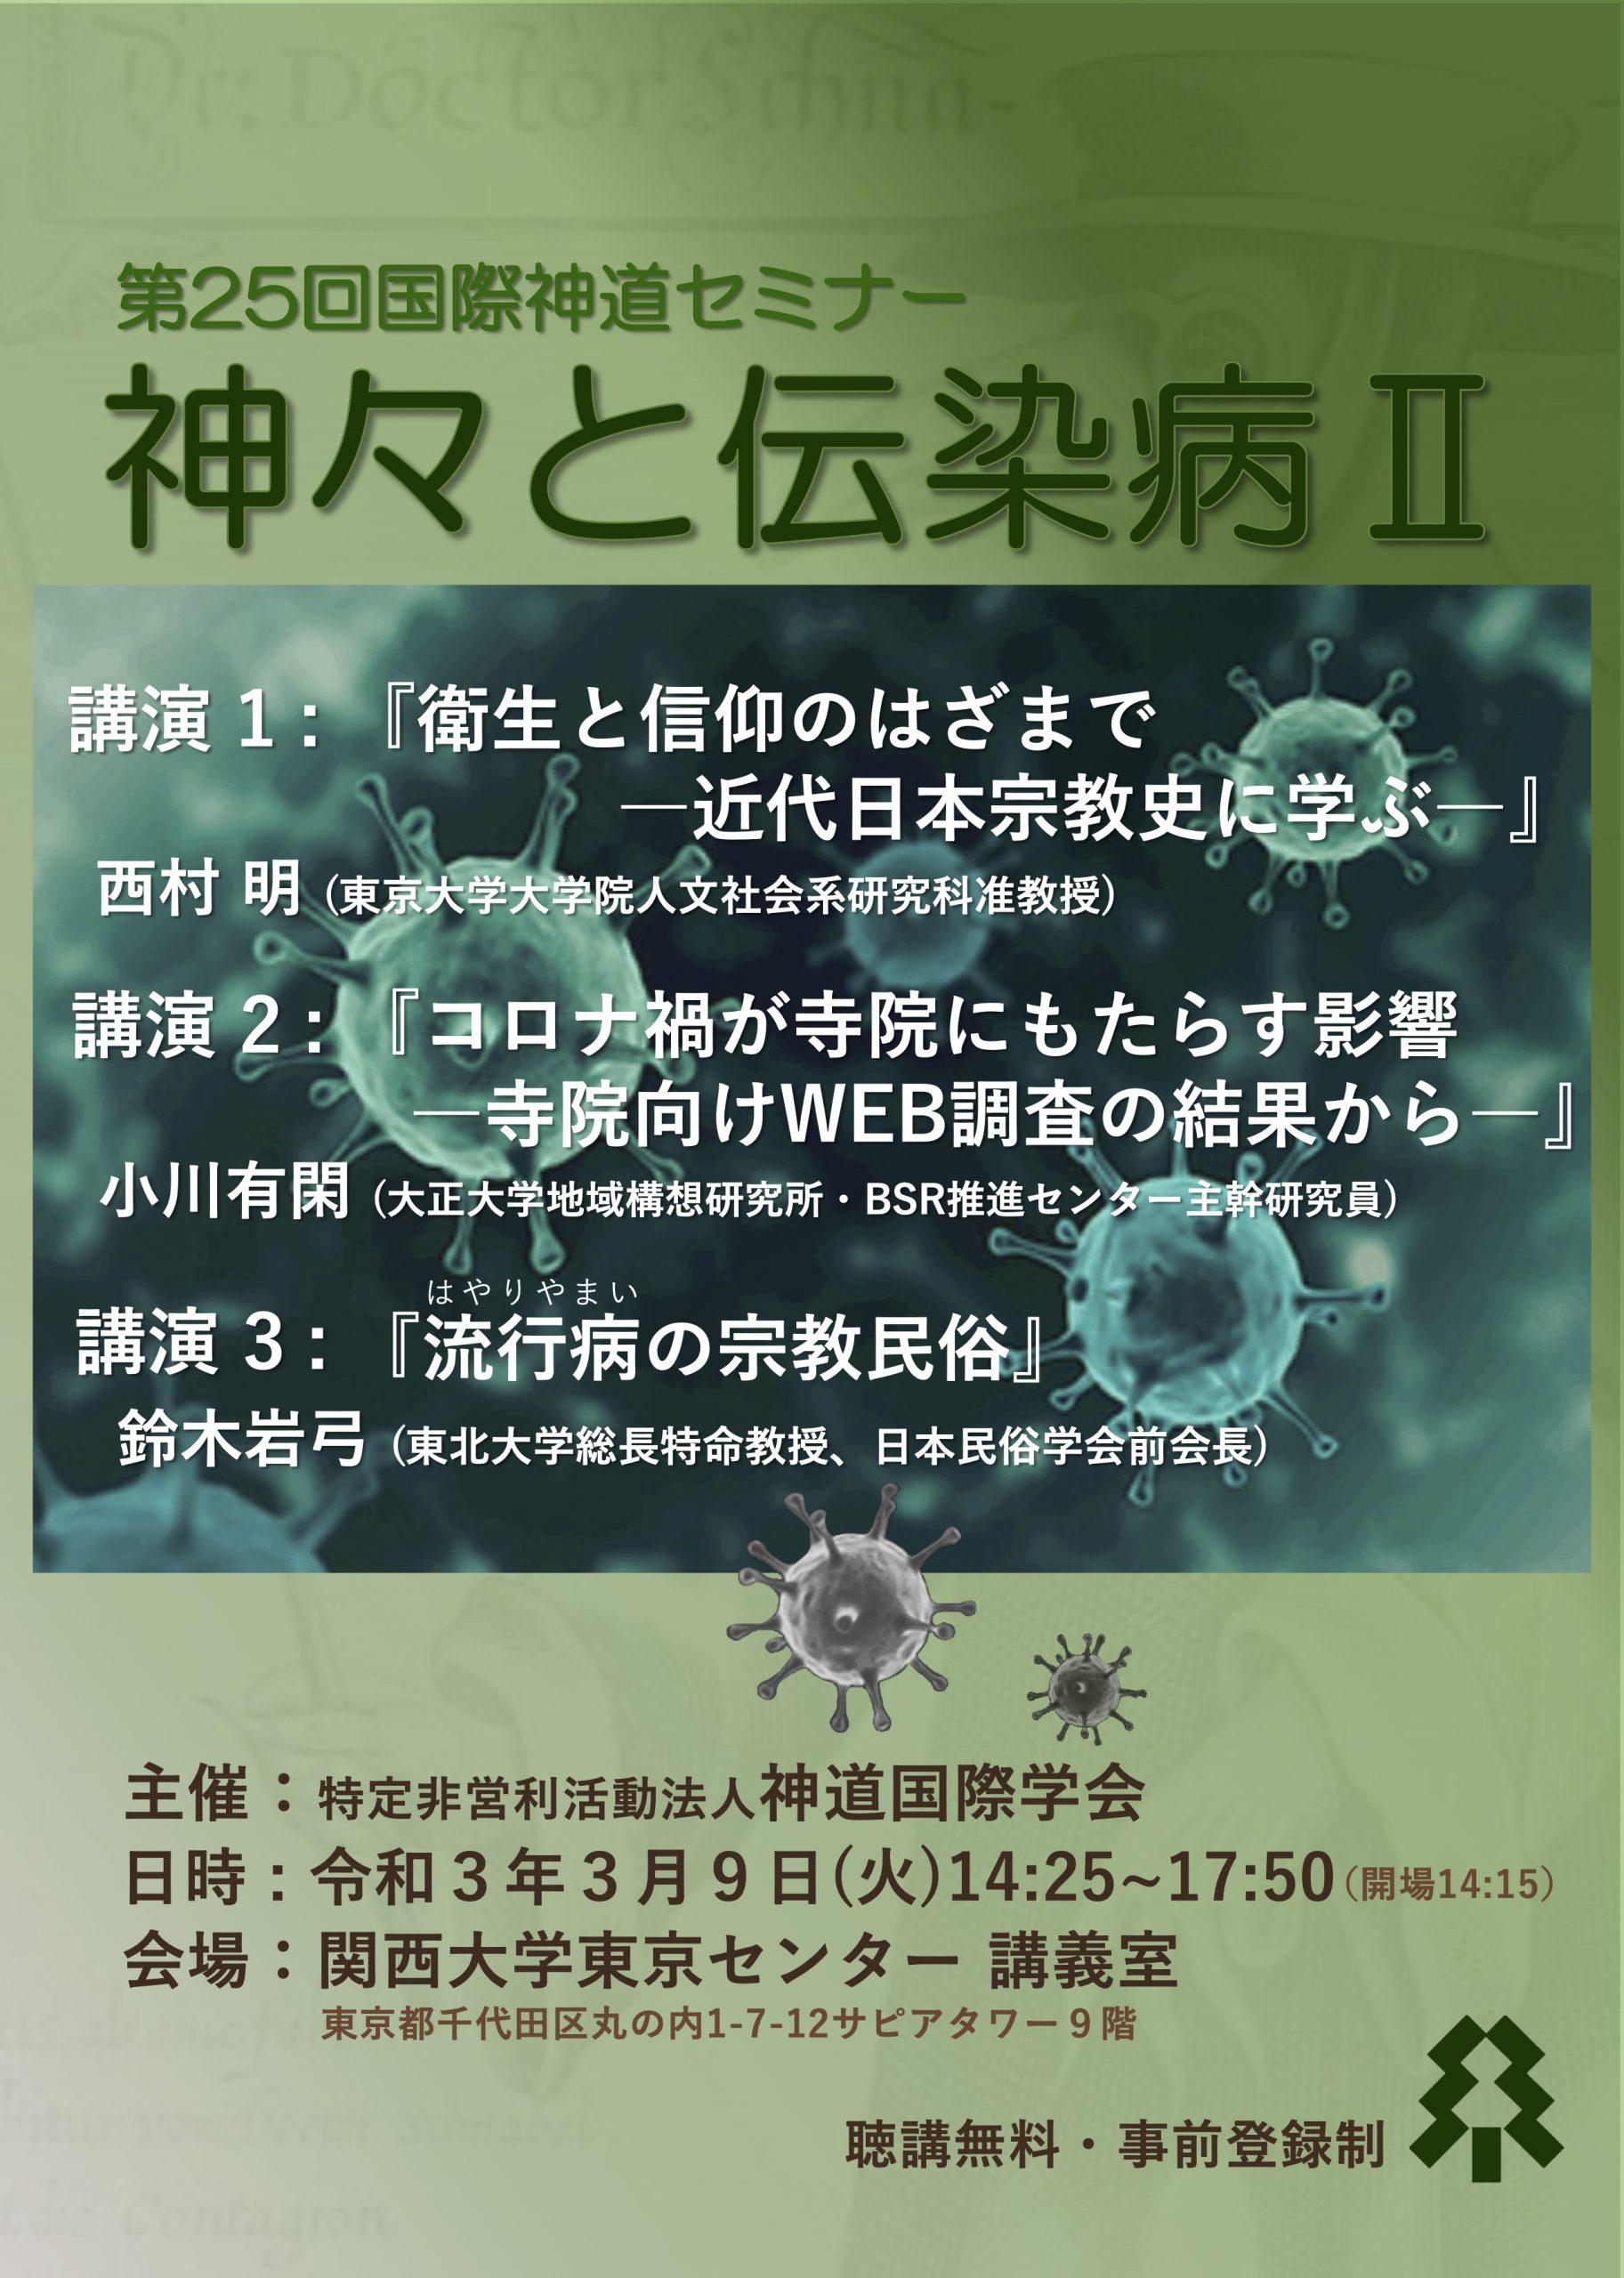 第25回国際神道セミナー『神々と伝染病 II』開催のご案内